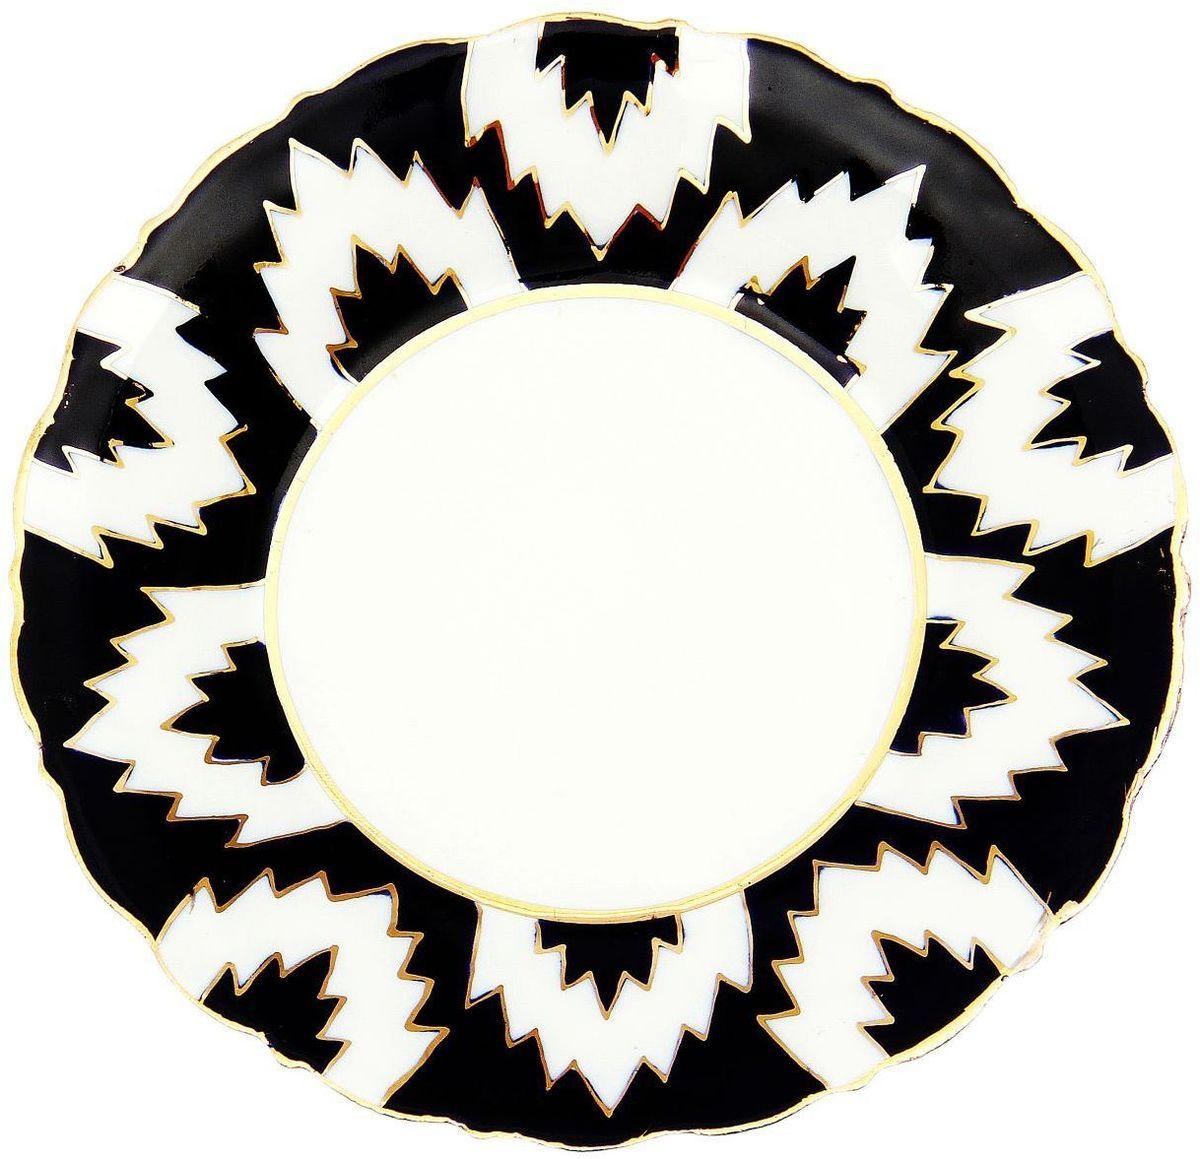 Тарелка Turon Porcelain Атлас, цвет: белый, синий, золотистый, диаметр 16 см1625403Узбекская посуда известна всему миру уже более тысячи лет. Ей любовались царские особы, на ней подавали еду для шейхов и знатных персон. Формулы красок и глазури передаются из поколения в поколение. По сей день качественные расписные изделия продолжают восхищать совершенством и завораживающей красотой.Данный предмет подойдёт для повседневной и праздничной сервировки. Дополните стол текстилем и салфетками в тон, чтобы получить элегантное убранство с яркими акцентами.Национальная узбекская роспись «Атлас» имеет симметричный геометрический рисунок. Узоры, похожие на листья, выводятся тонкой кистью, фон заливается тёмно-синим кобальтом. Синий краситель при обжиге слегка растекается и придаёт контуру изображений голубой оттенок. Густая глазурь наносится толстым слоем, благодаря чему рисунок мерцает.